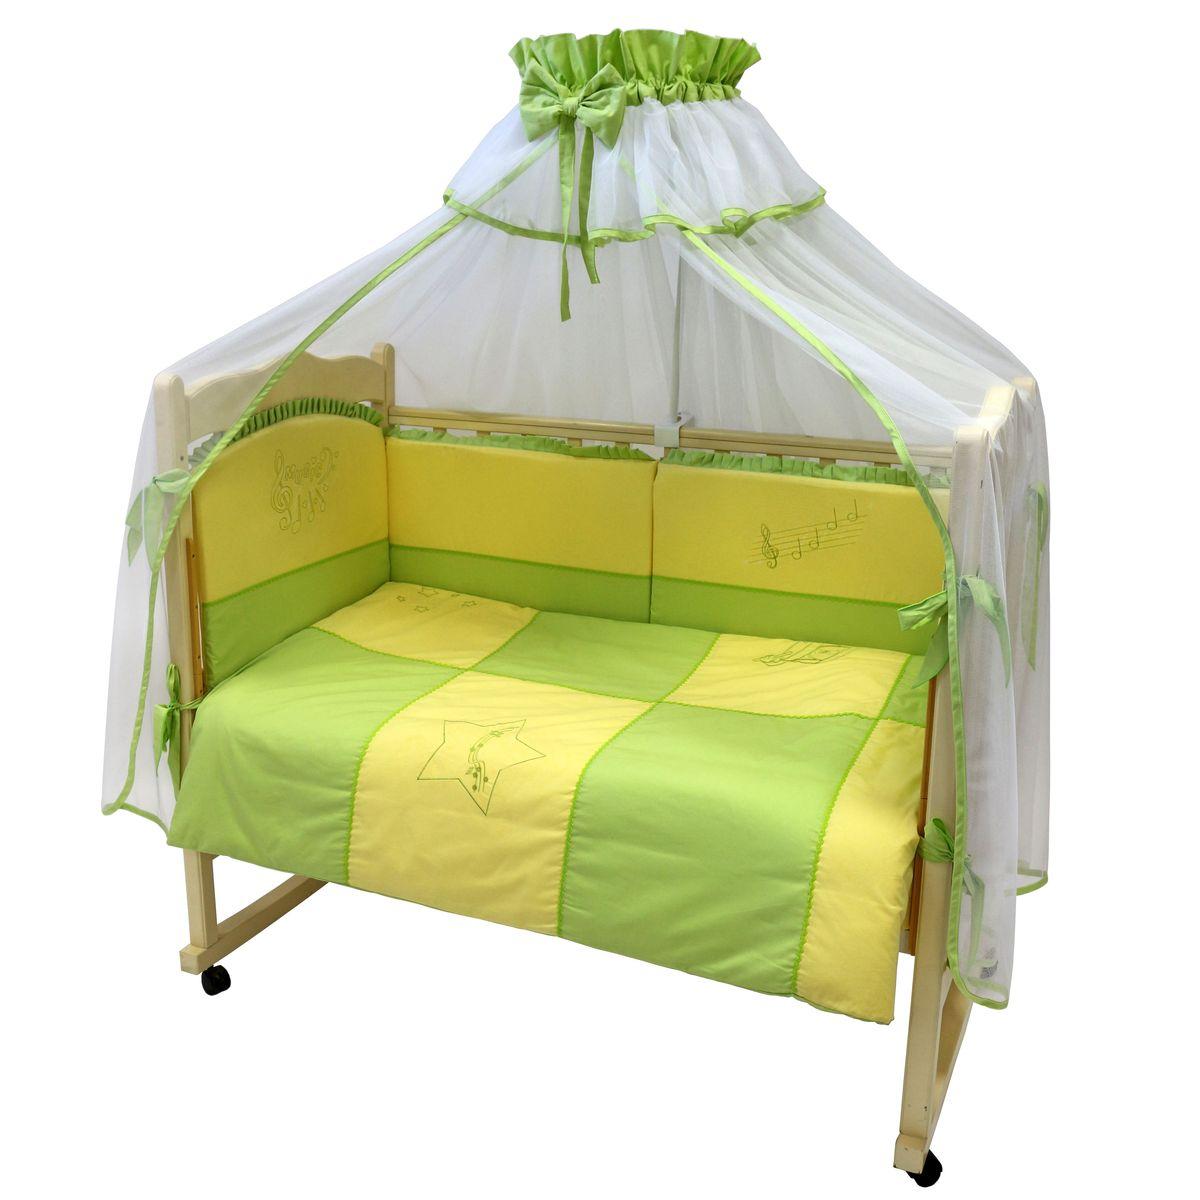 Топотушки Комплект детского постельного белья До-Ре-Ми цвет салатовый желтый 7 предметовS03301004Комплект постельного белья из 7 предметов с вышивкой включает все необходимые элементы для детской кроватки.Комплект создает для Вашего ребенка уют, комфорт и безопасную среду с рождения; современный дизайн и цветовые сочетания помогают ребенку адаптироваться в новом для него мире. Комплекты «Топотушки» хорошо вписываются в интерьер как детской комнаты, так и спальни родителей.Как и все изделия «Топотушки» данный комплект отражает самые последние технологии, является безопасным для малыша и экологичным. Российское происхождение комплекта гарантирует стабильно высокое качество, соответствие актуальным пожеланиям потребителей, конкурентоспособную цену.Балдахин 5м (сетка цветная); охранный бампер 360х50см (из 4-х частей, на молнии,наполнитель – холлофайбер); подушка 40х60см. (наполнитель – холлофайбер); одеяло 140х110см. (наполнитель – холлофайбер); наволочка 40х60см; пододеяльник 147х112см; простынь на резинке 120х60см.